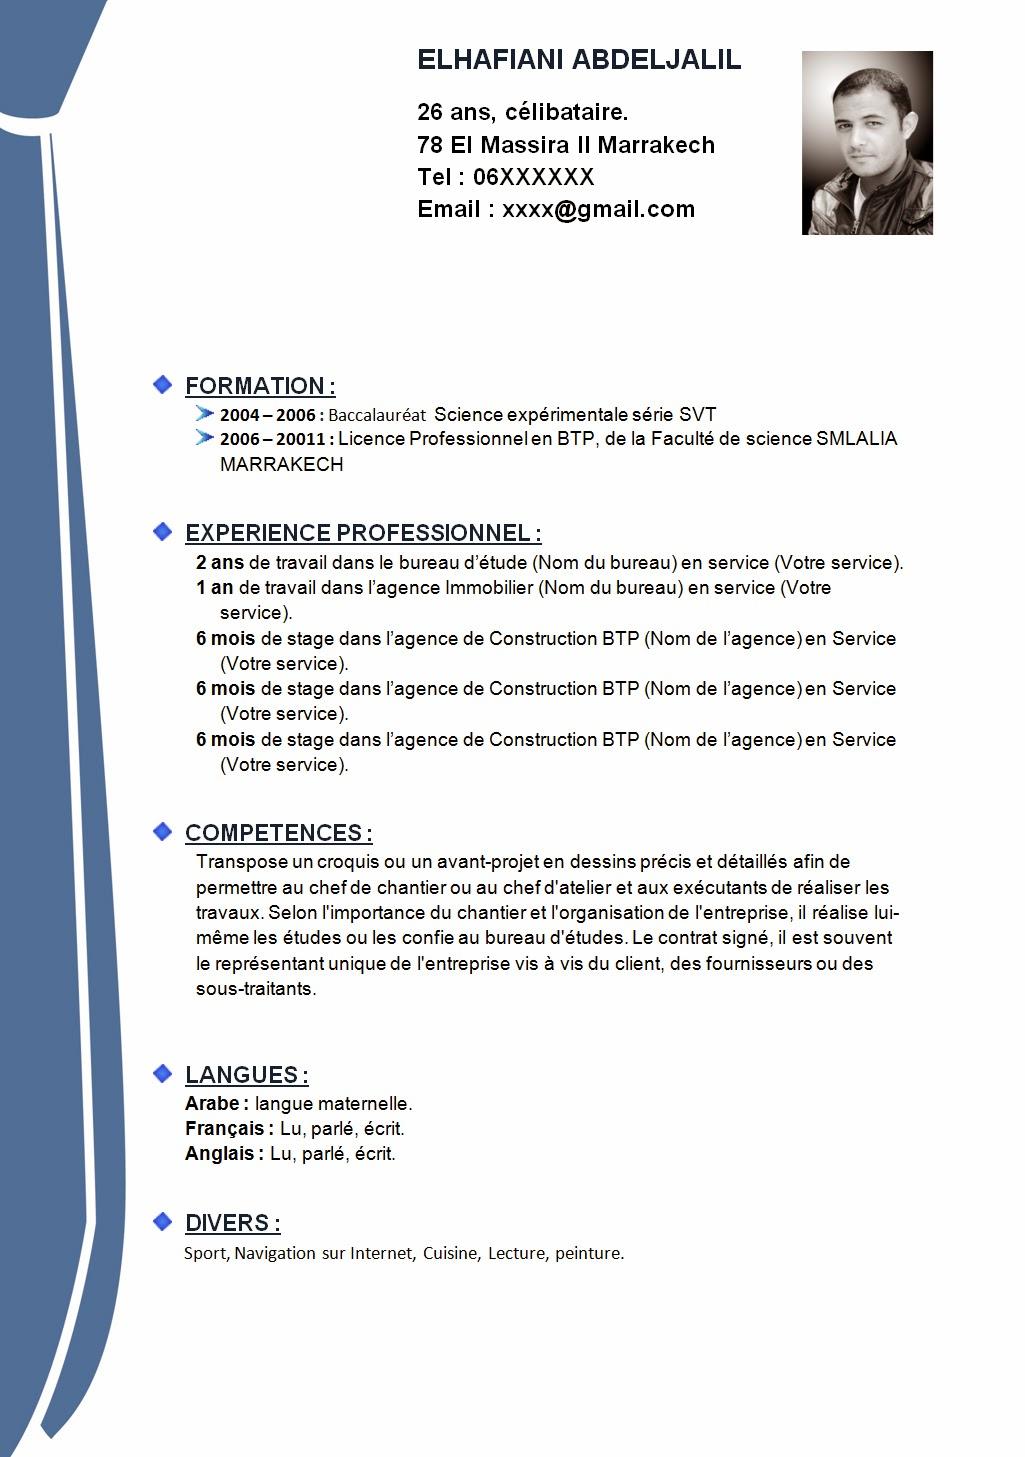 Curriculum Vitae Format Curriculum Vitae Resume For Chris